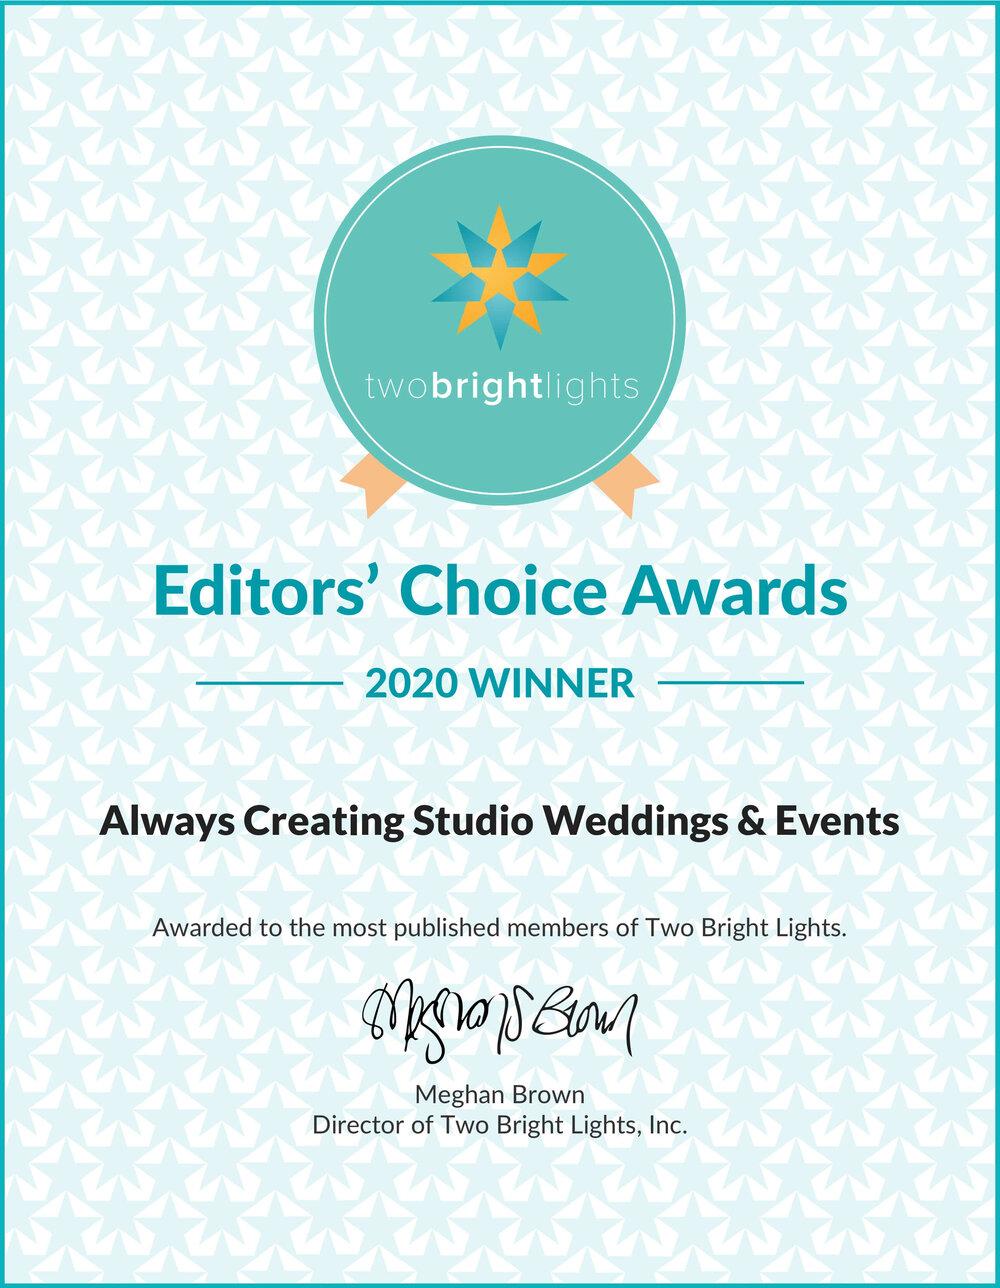 awards_certificate - Copy.jpg